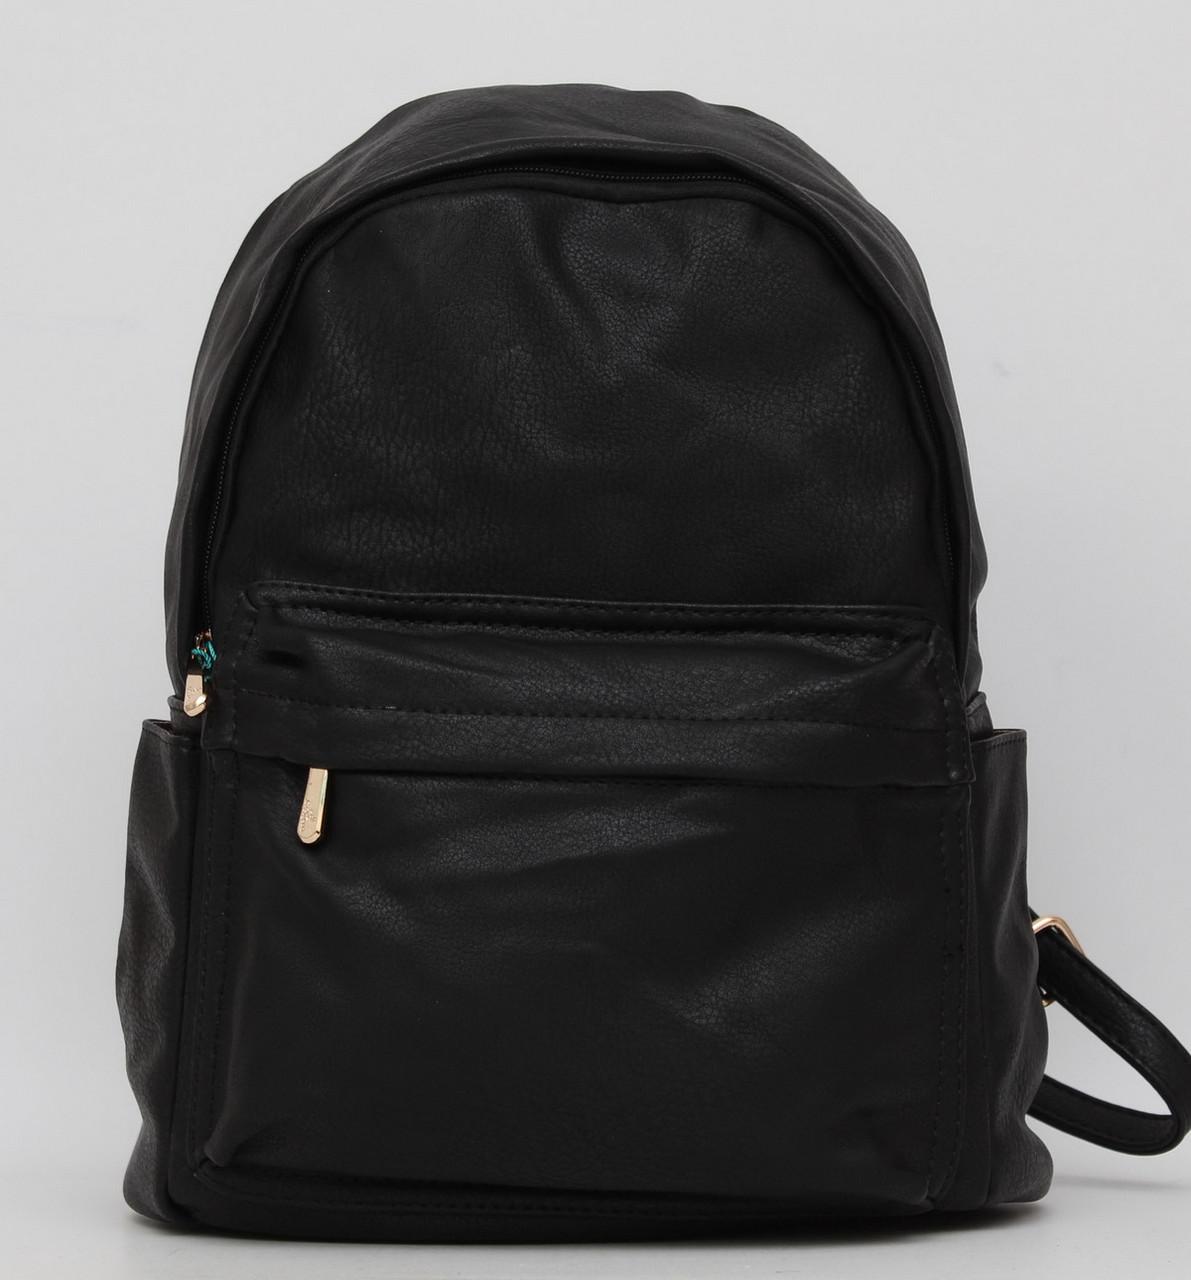 1261ec14f9fab1 Стильний жіночий рюкзак / стильный женский рюкзак: продажа, цена в ...